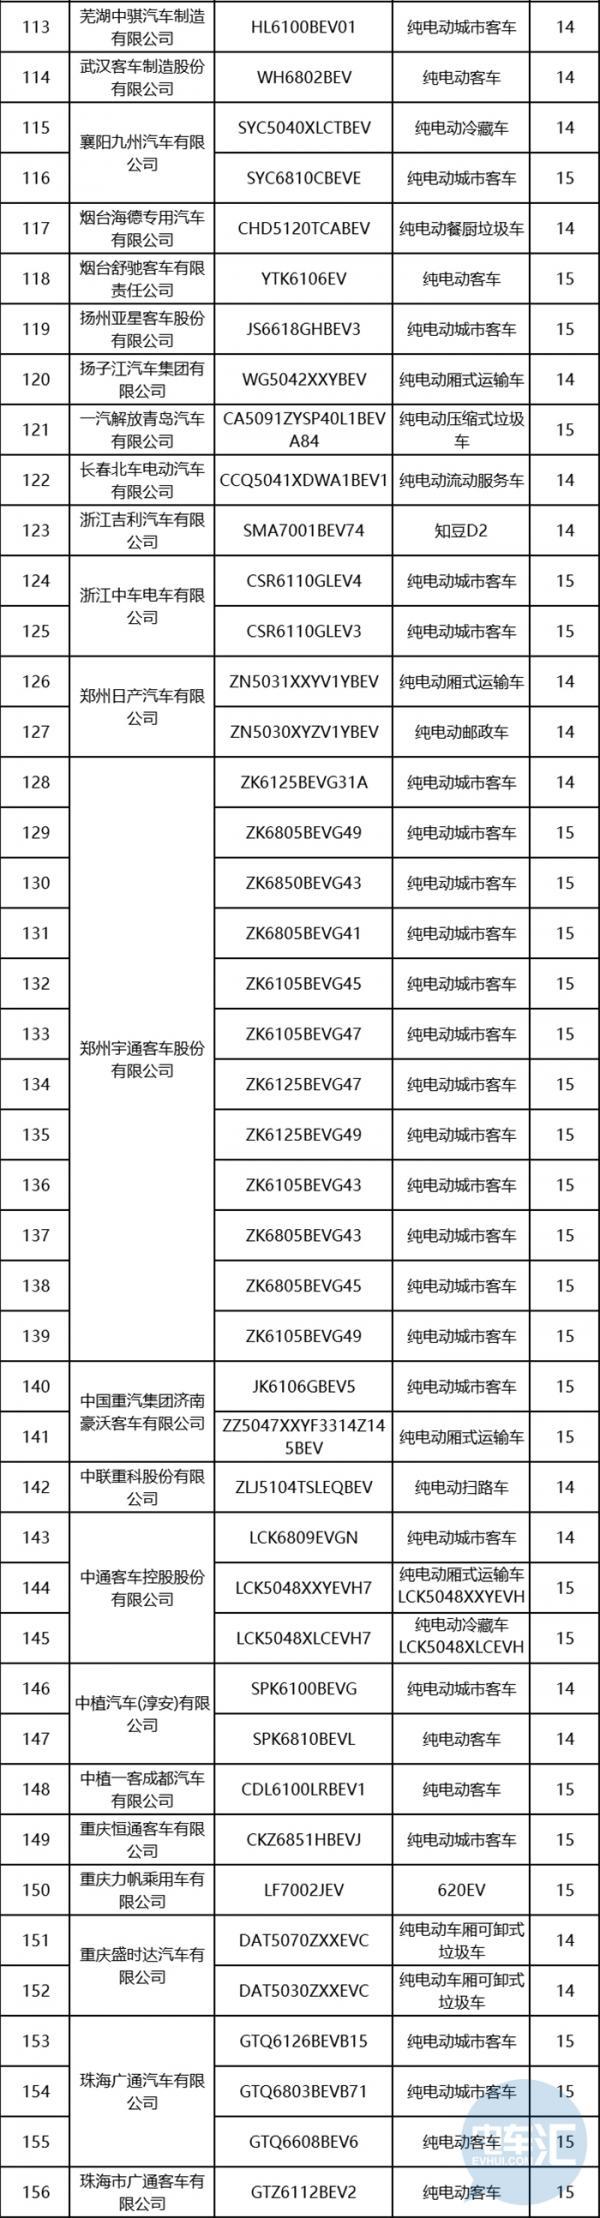 第23批免征购置税新能源汽车车型目录发布,同时撤销14、15批中156款车型